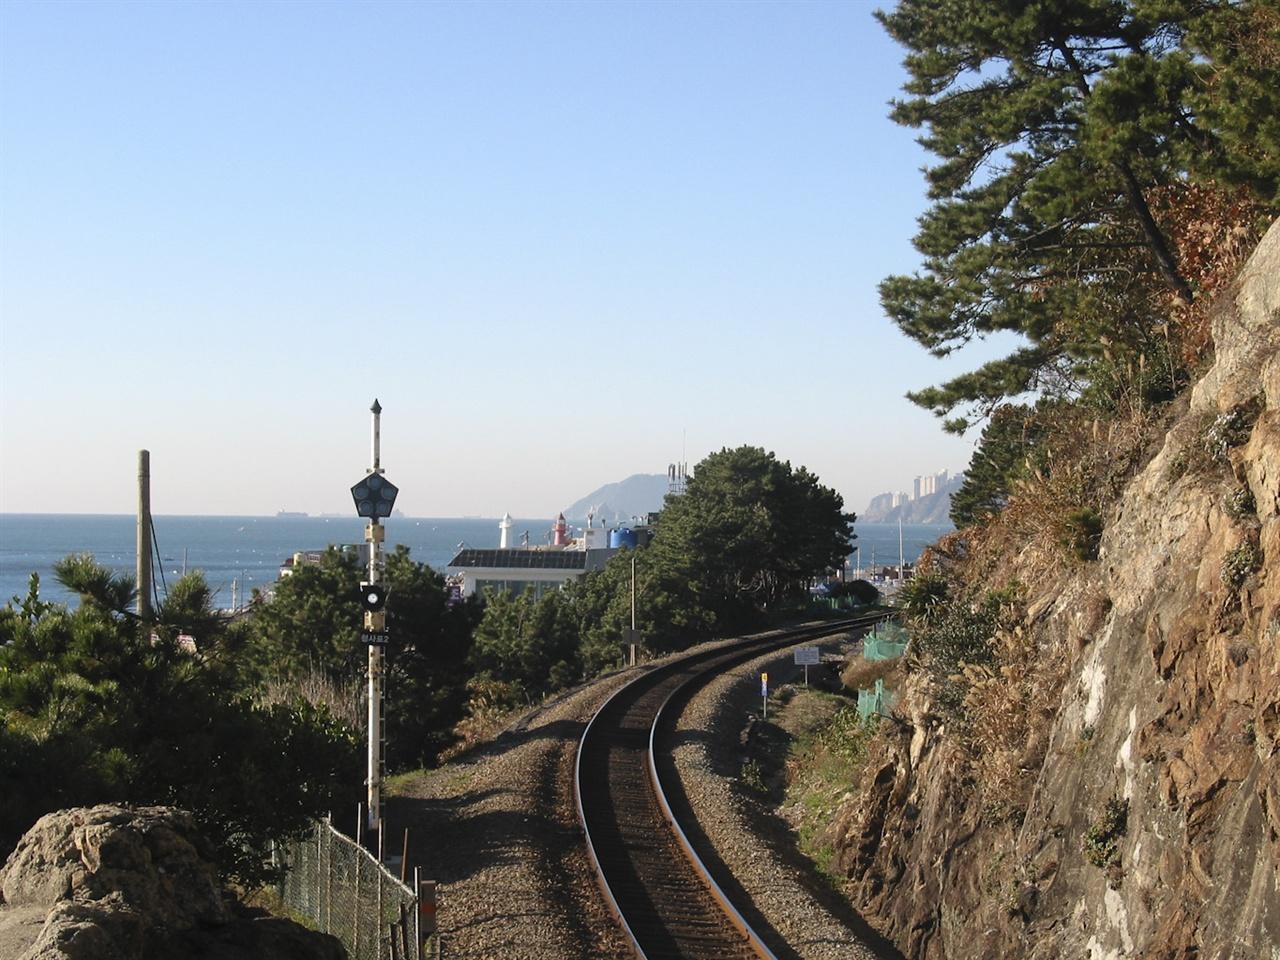 청사포의 동해남부선이 폐선되기 직전의 모습. 현재는 공원과 트램이 동시에 추진되고 있다.